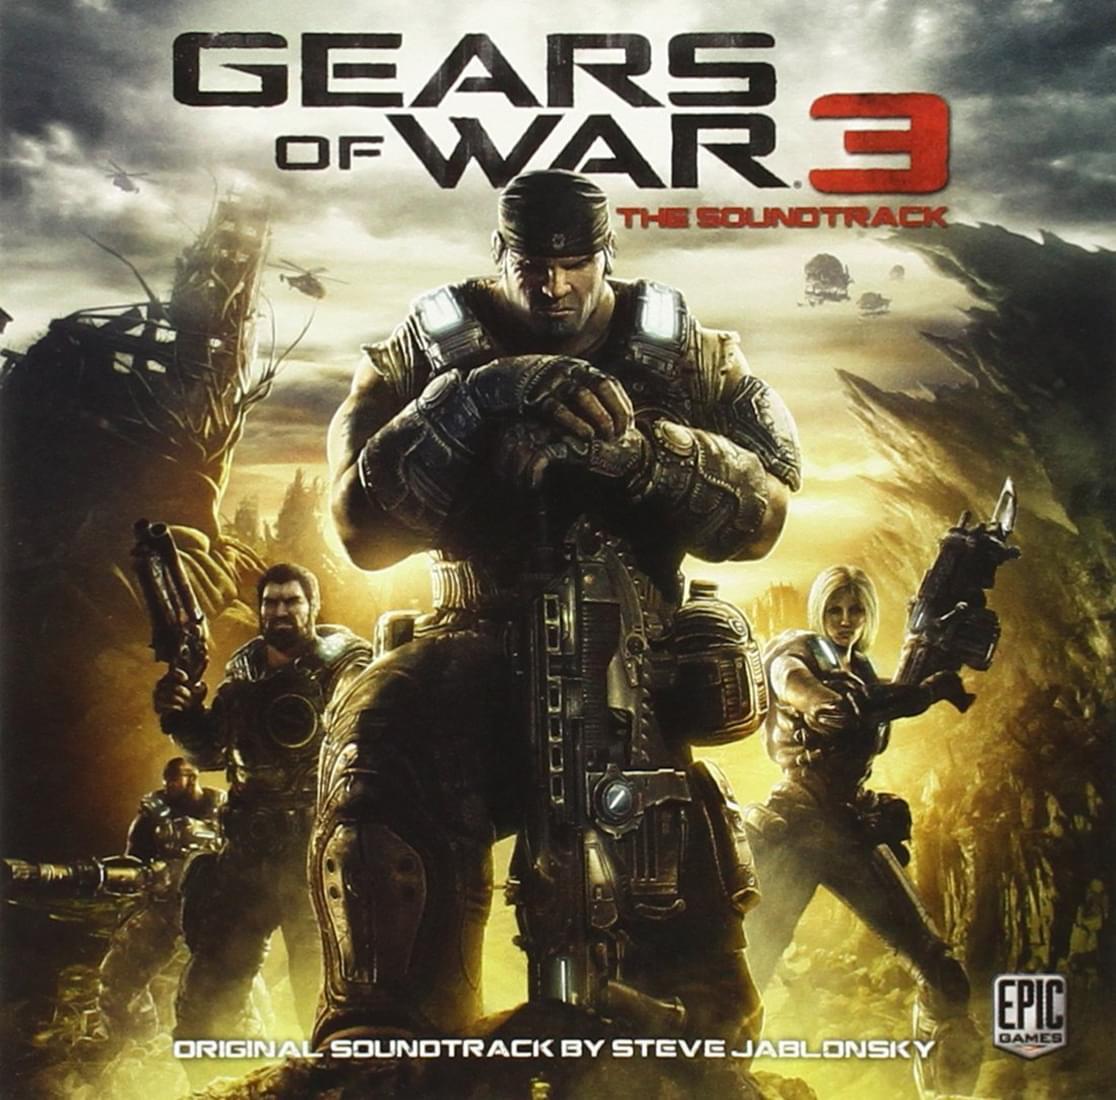 Gears of War 3 Original Soundtrack CD